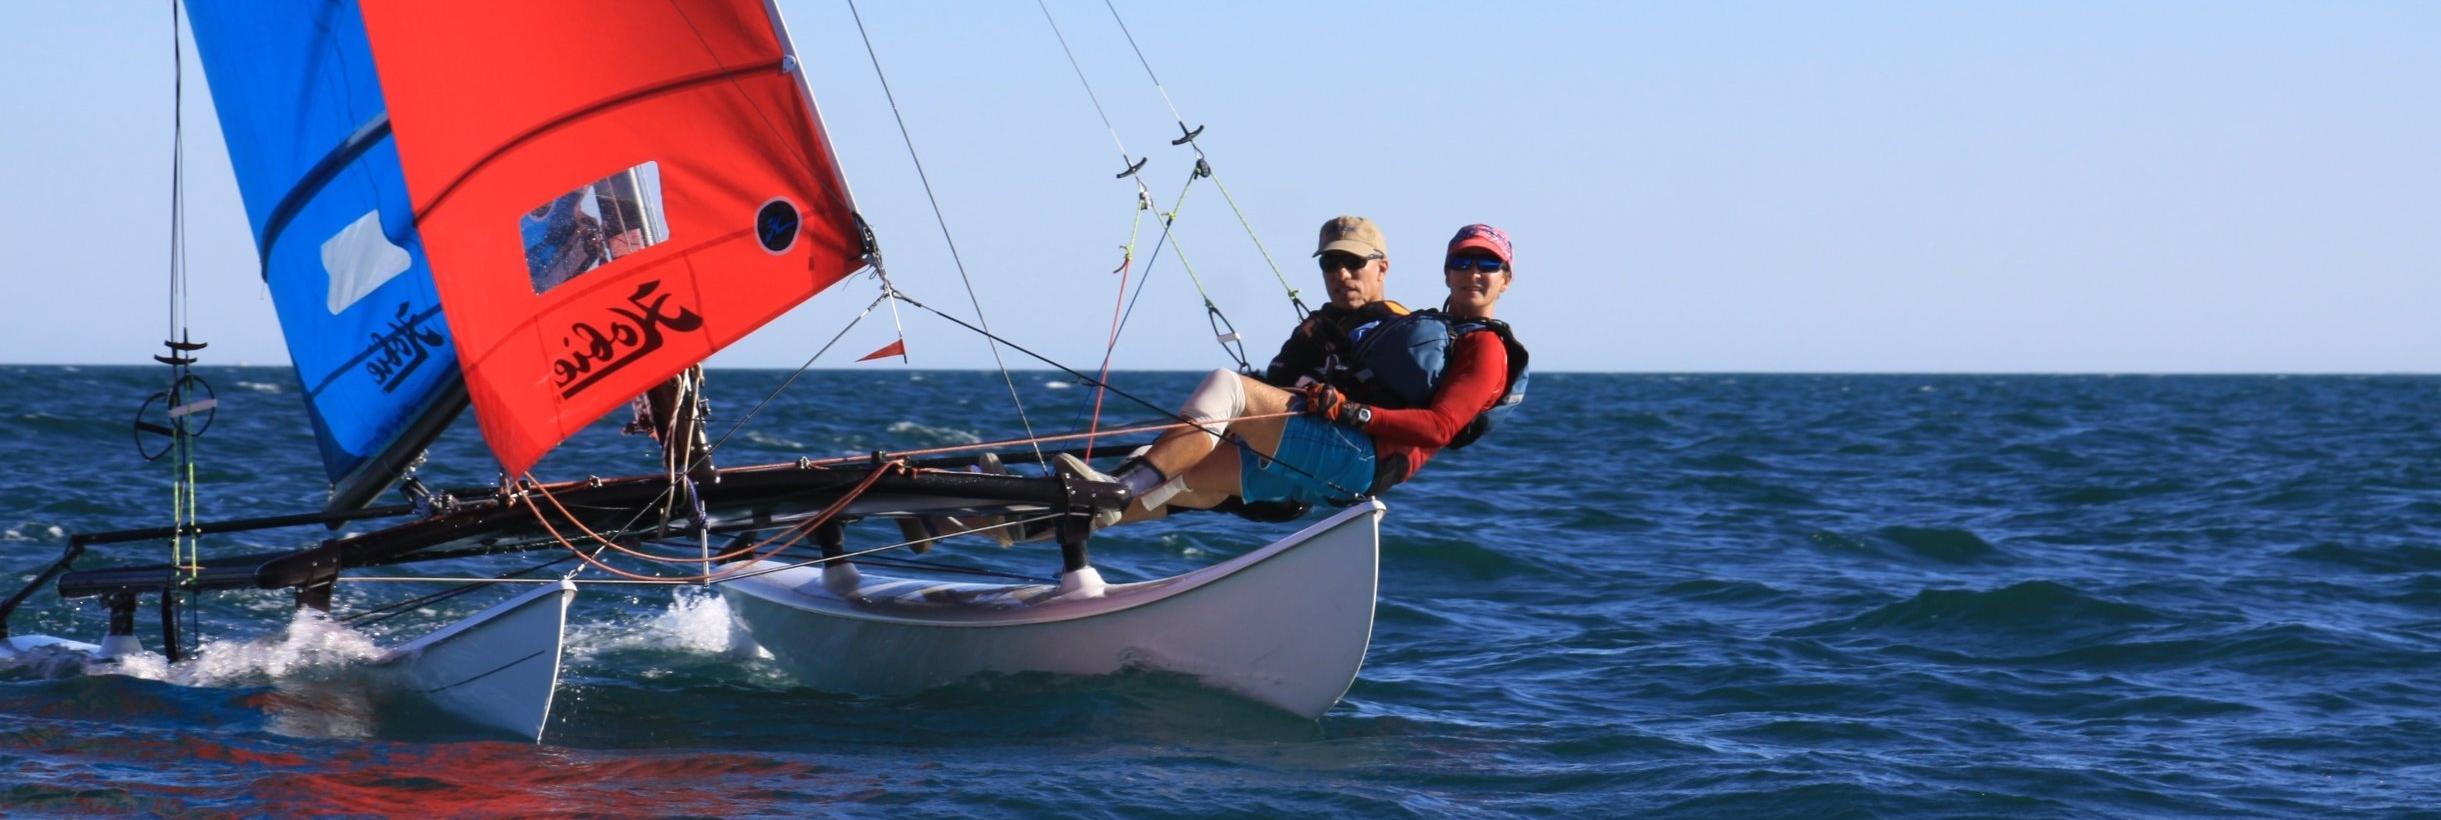 Pinata regatta 2017 gallery 2